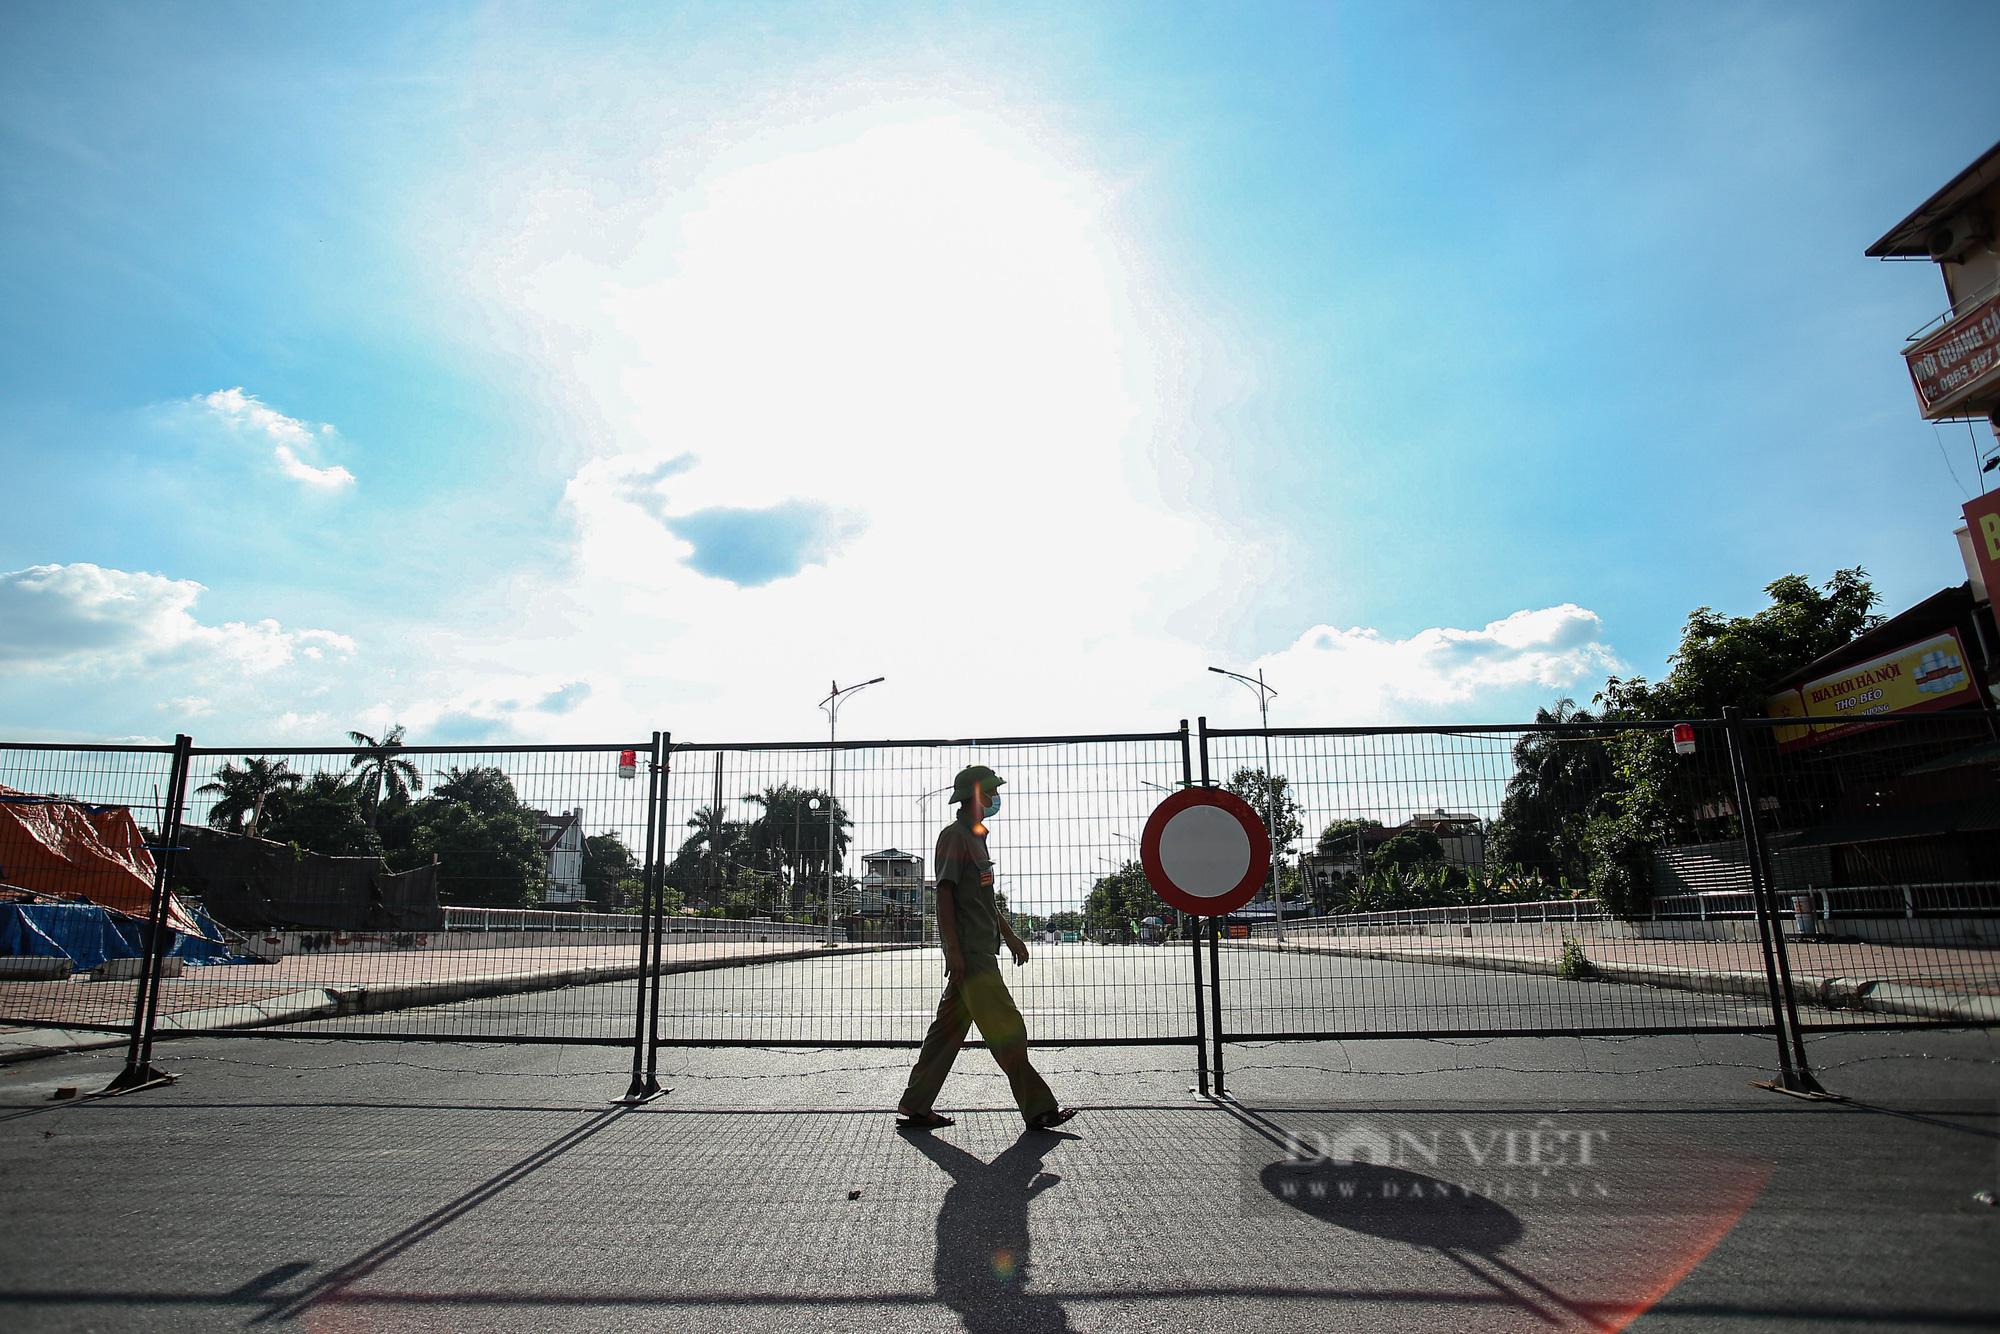 """Loạt tường rào biến mỗi địa phương trở thành một """"pháo đài"""" tại Hà Nội - Ảnh 1."""